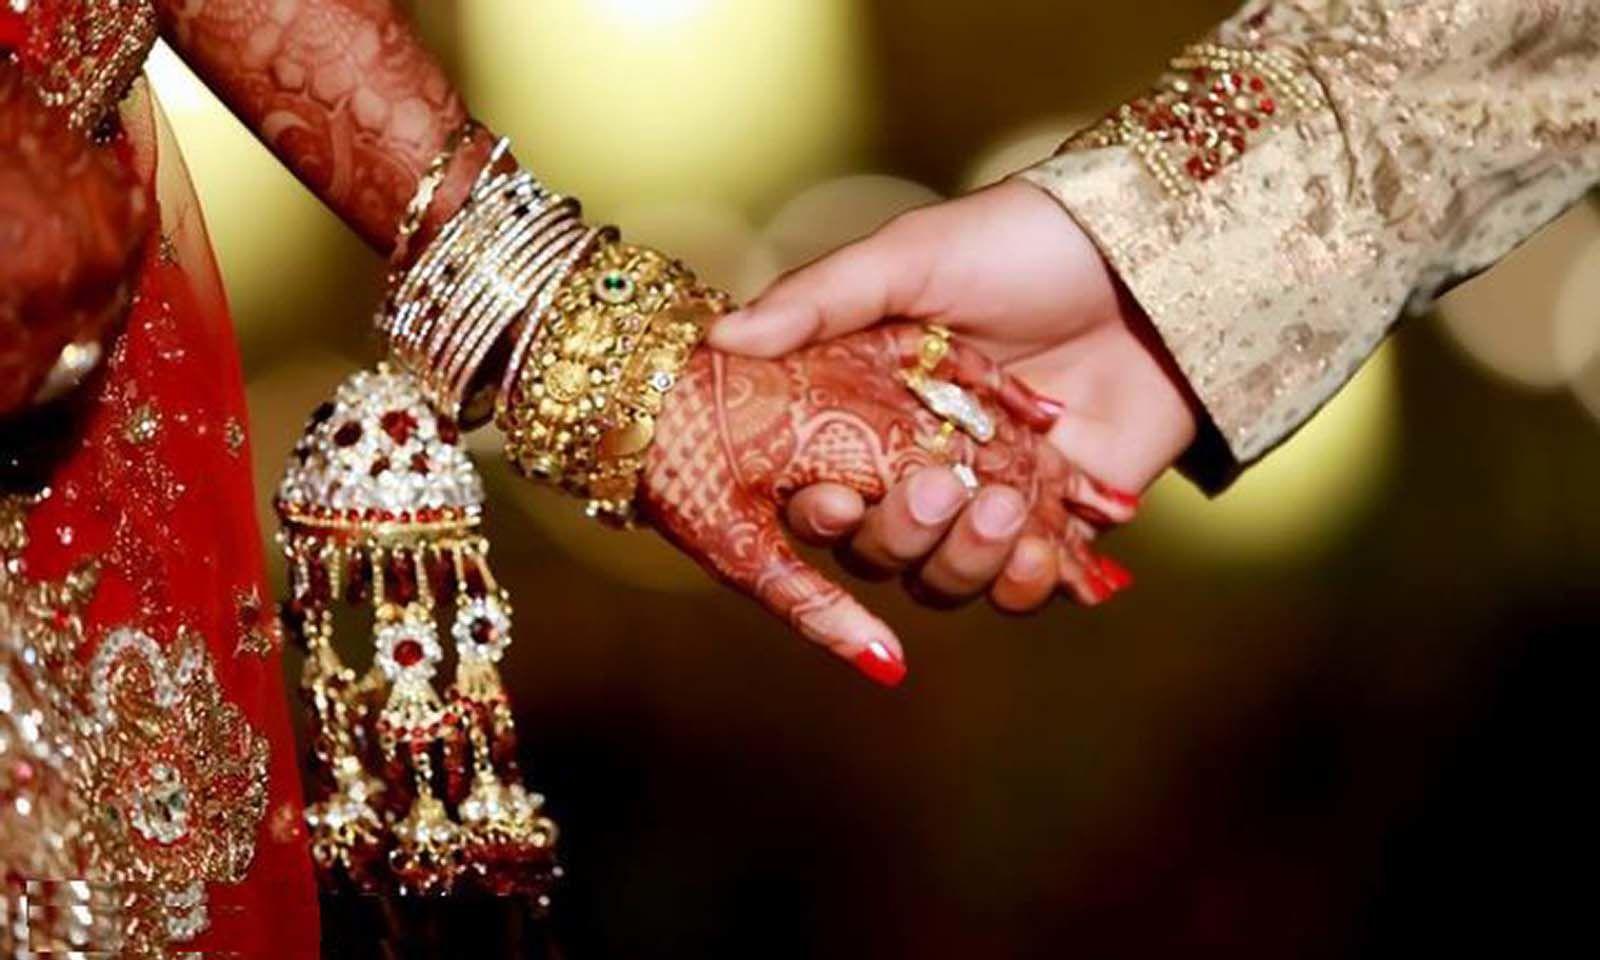 ഇന്ത്യാ- പാക് സംഘര്ഷം: വിവാഹം നടത്താനാവാതെ രാജസ്ഥാന് സ്വദേശി